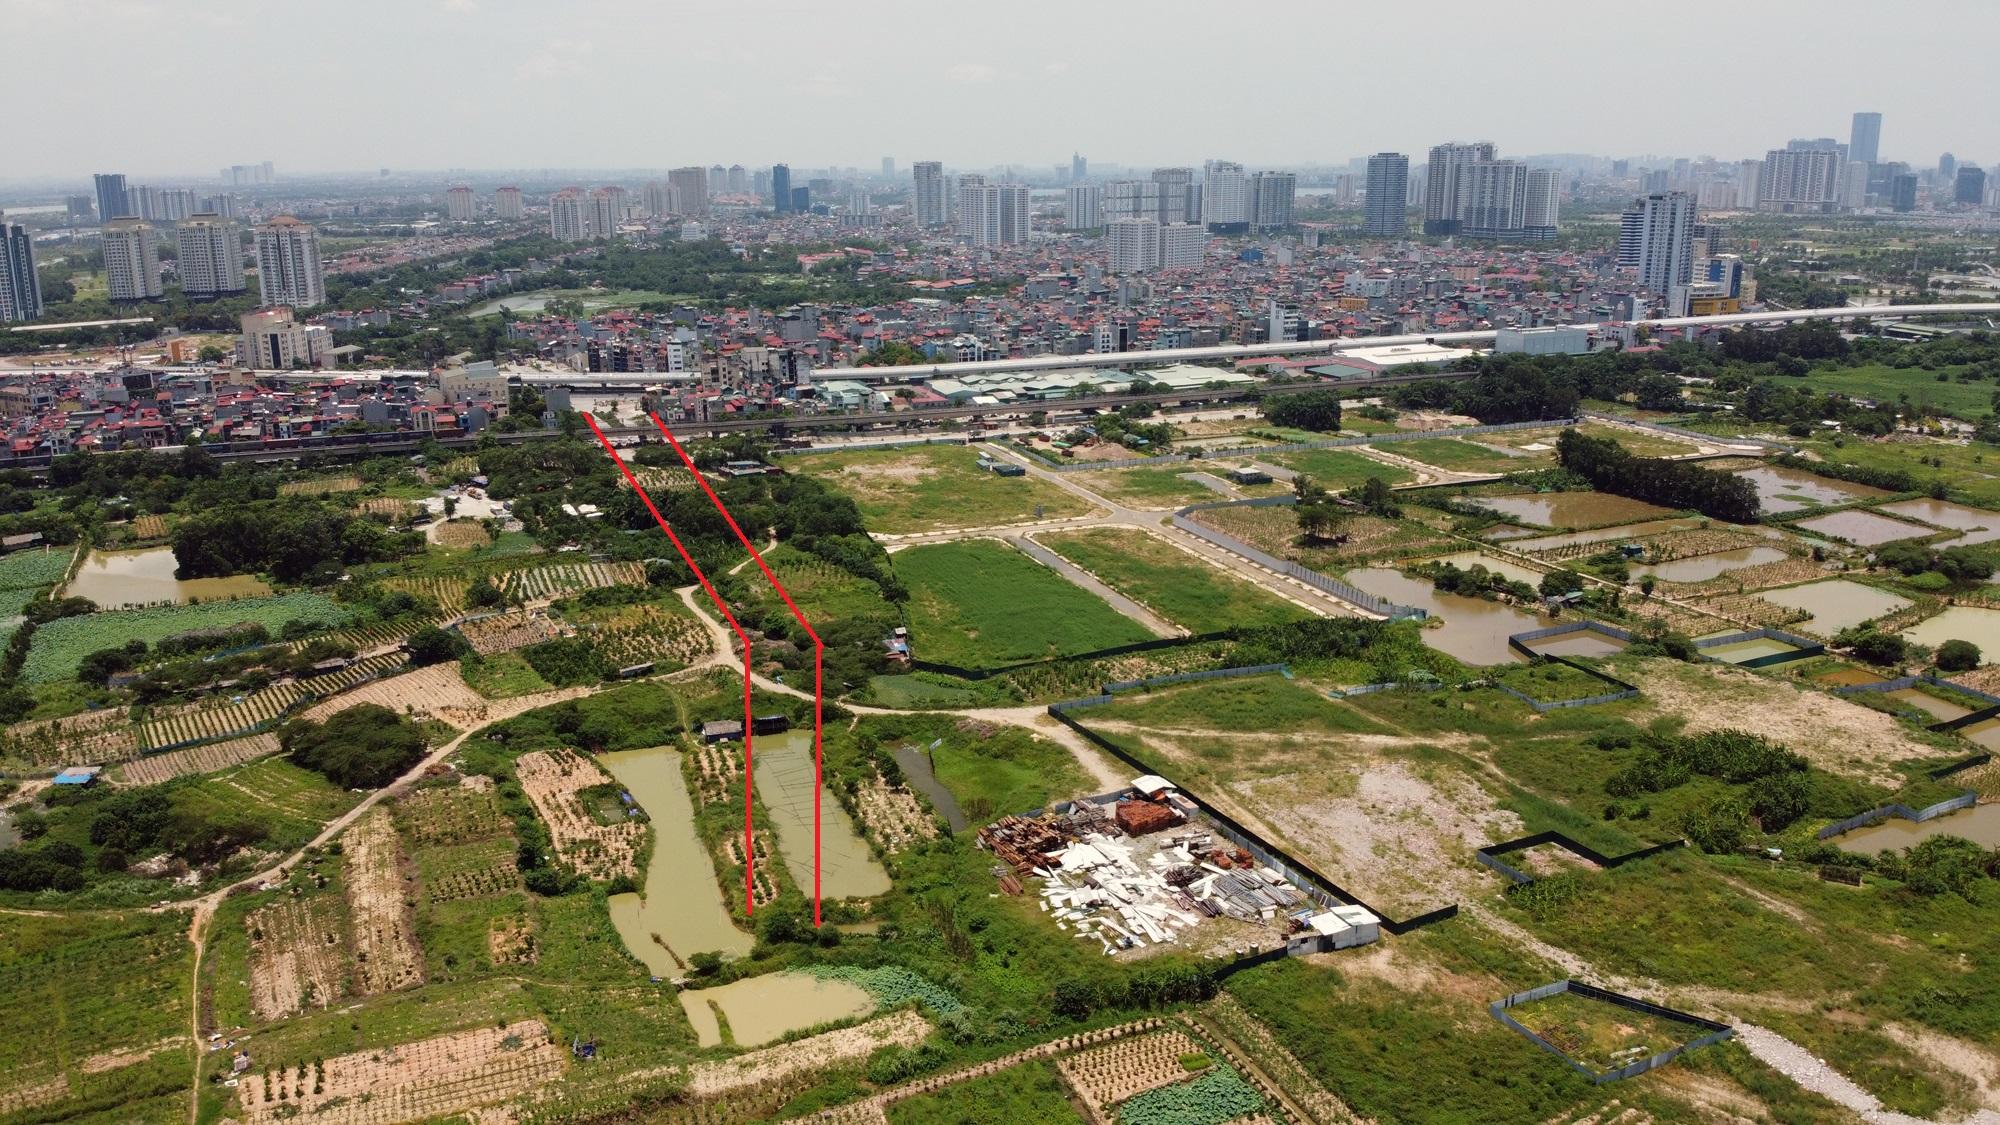 3 đường sẽ mở theo qui hoạch ở phường Xuân Đỉnh, Bắc Từ Liêm - Ảnh 4.